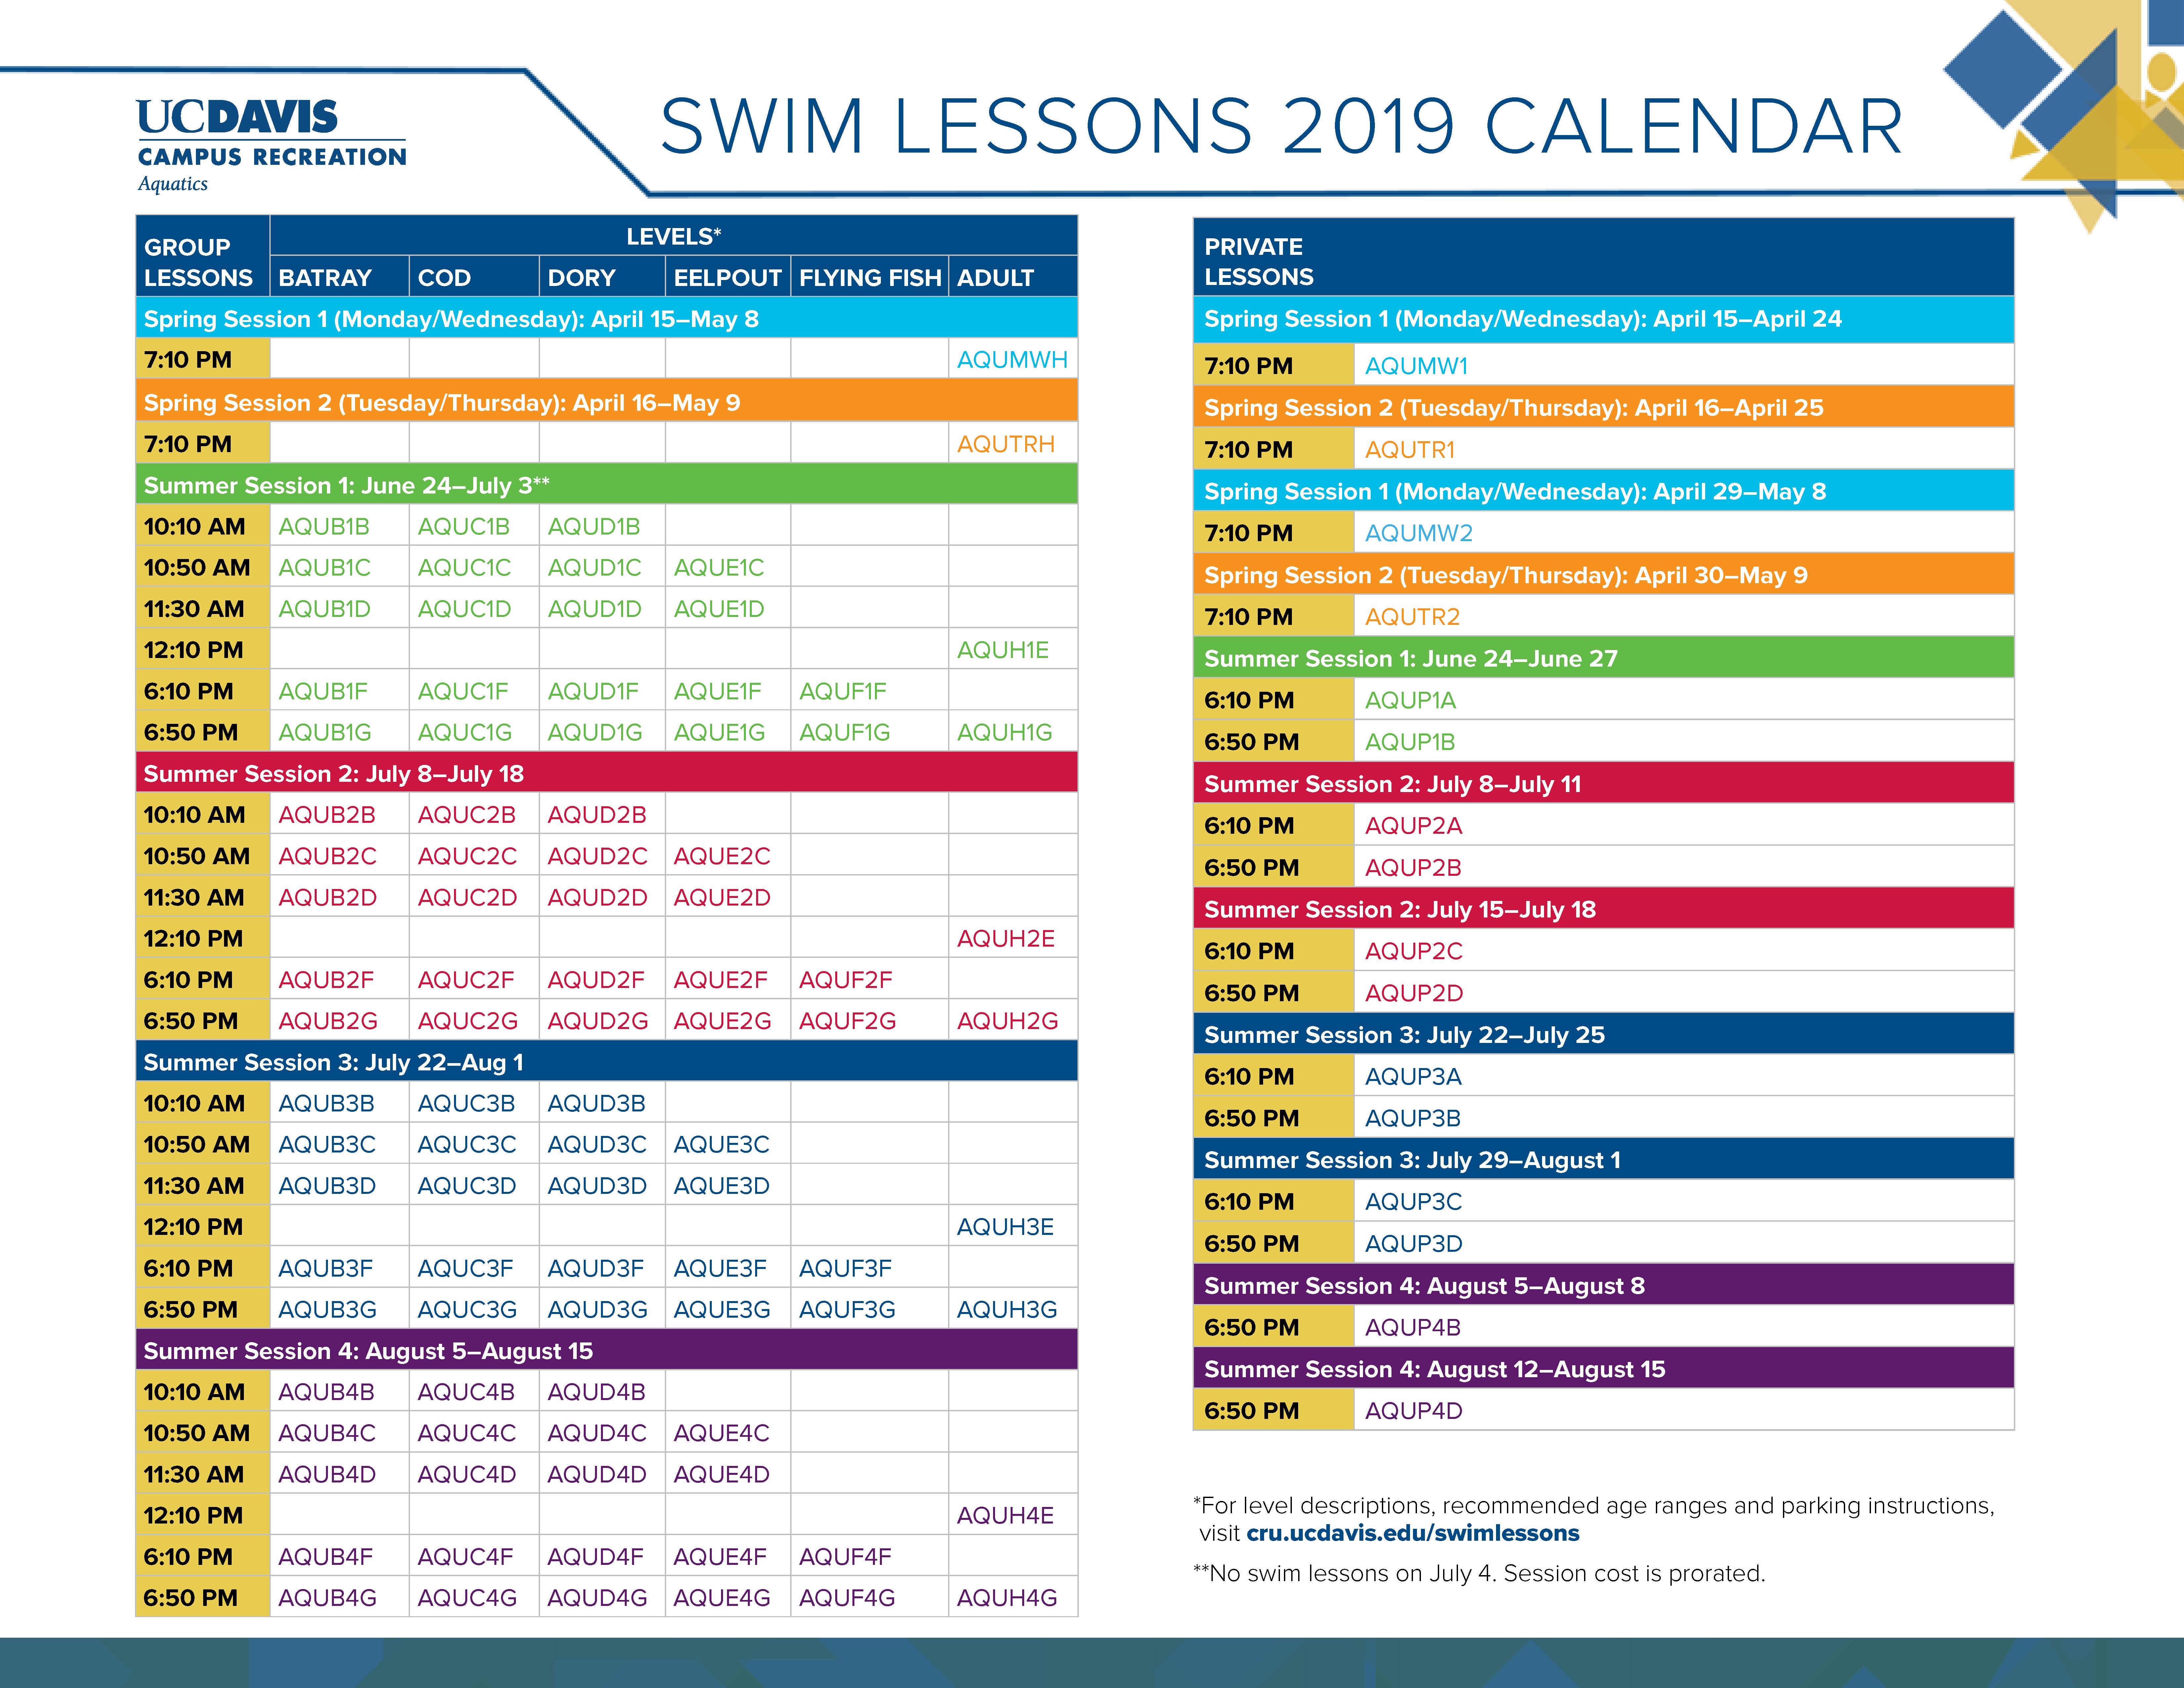 Uc Davis Calendar 2019 Swim Lessons | Campus Recreation